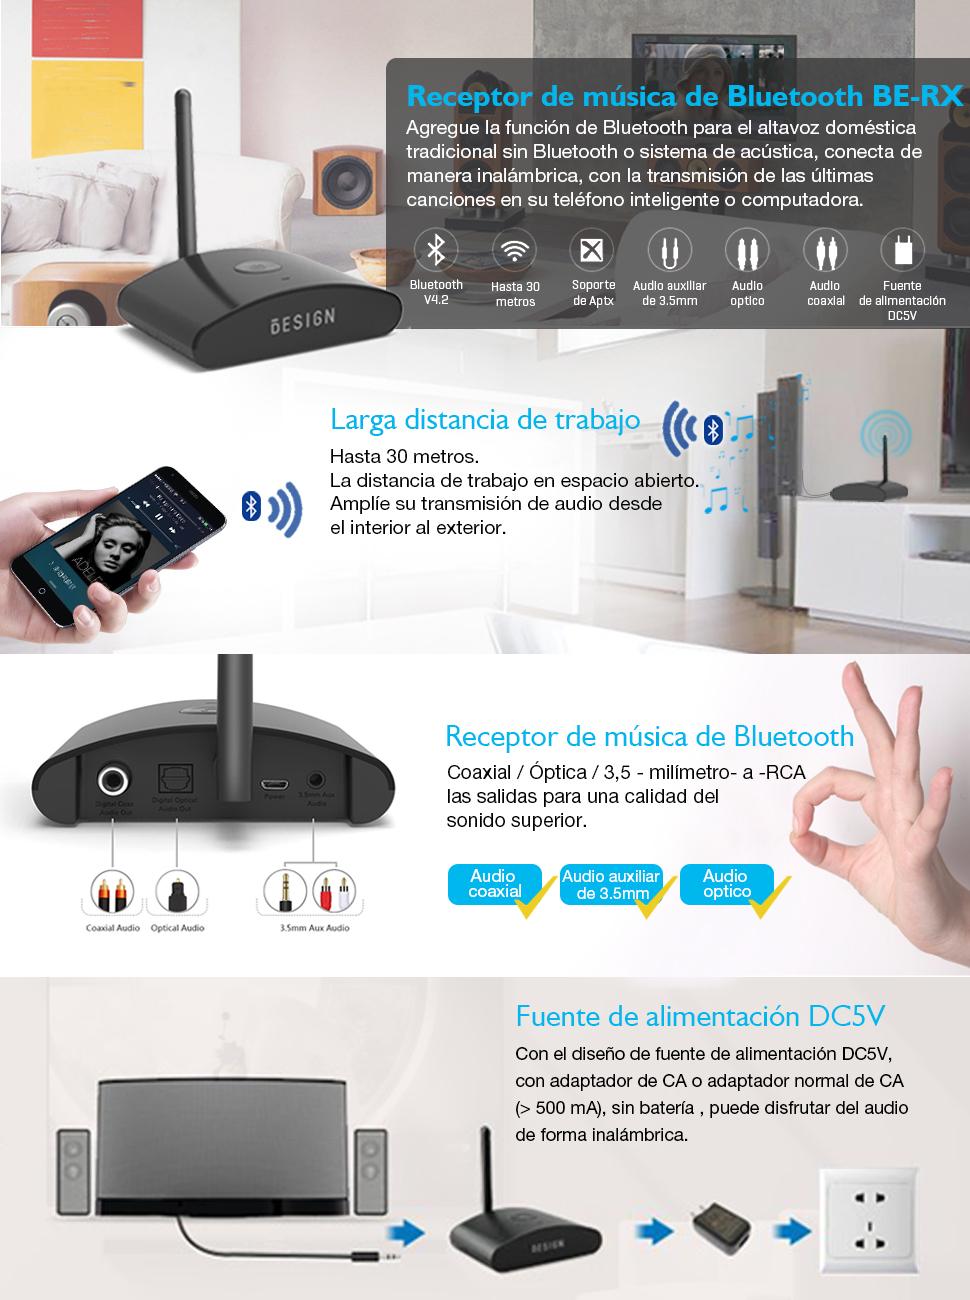 Besign BE-RX Largo Alcance Receptor Bluetooth, Adaptador de Audio Inalámbrico para Equipo Música Doméstico, Altavoces y HiFi, Admite Digital Coaxial, Digital Óptica y 3.5mm de Audio: Amazon.es: Electrónica